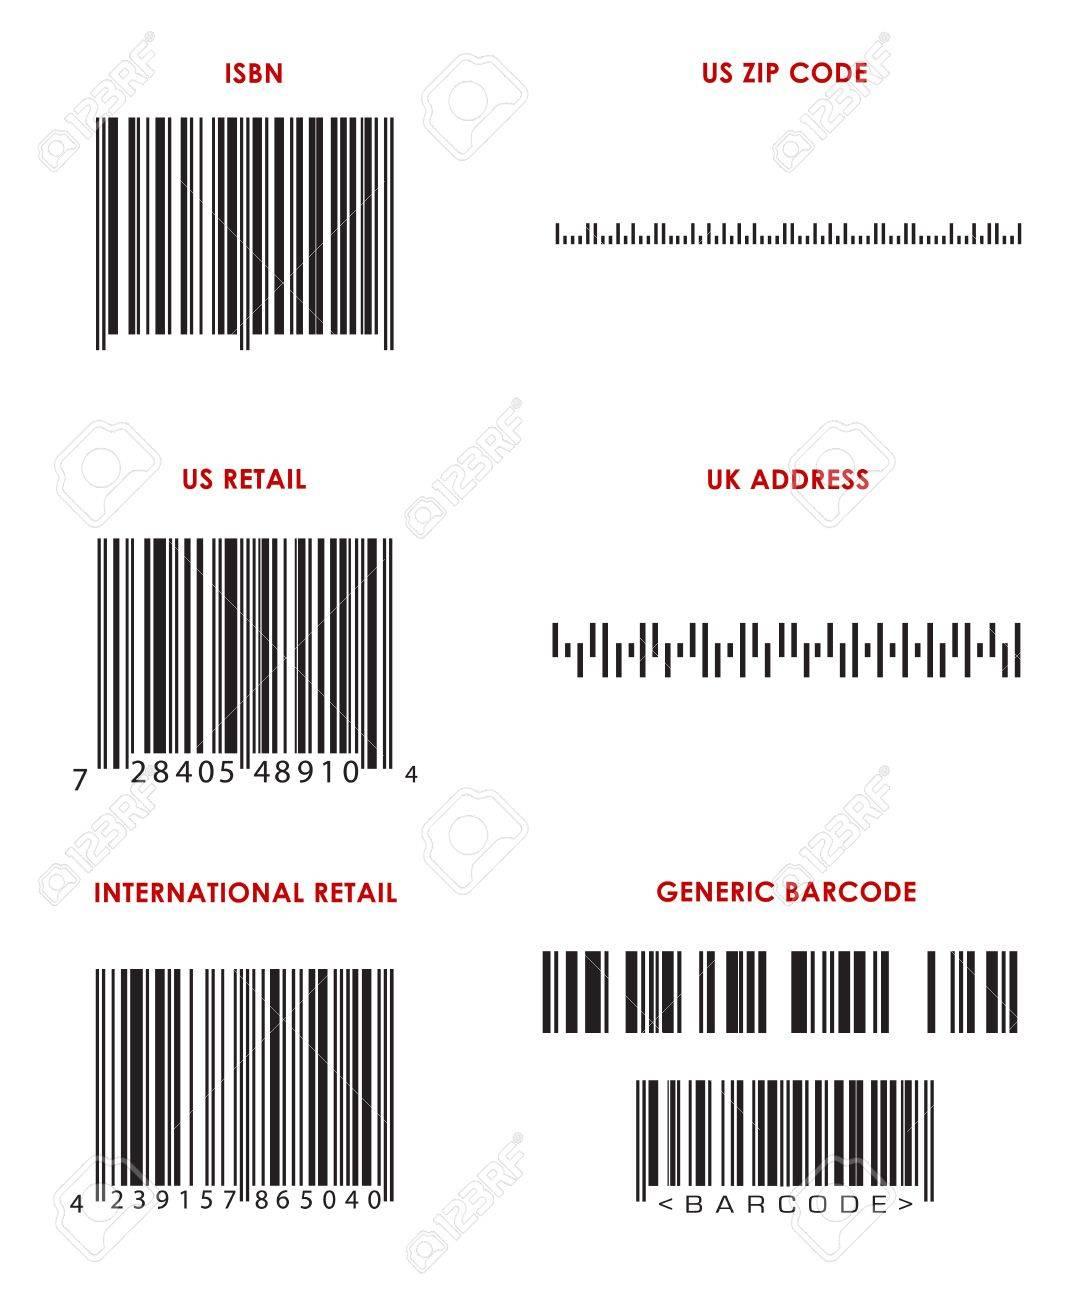 Bar Codes Of Various Formats UPC EAN ISBN Zip Code UK Address - Us zip code address